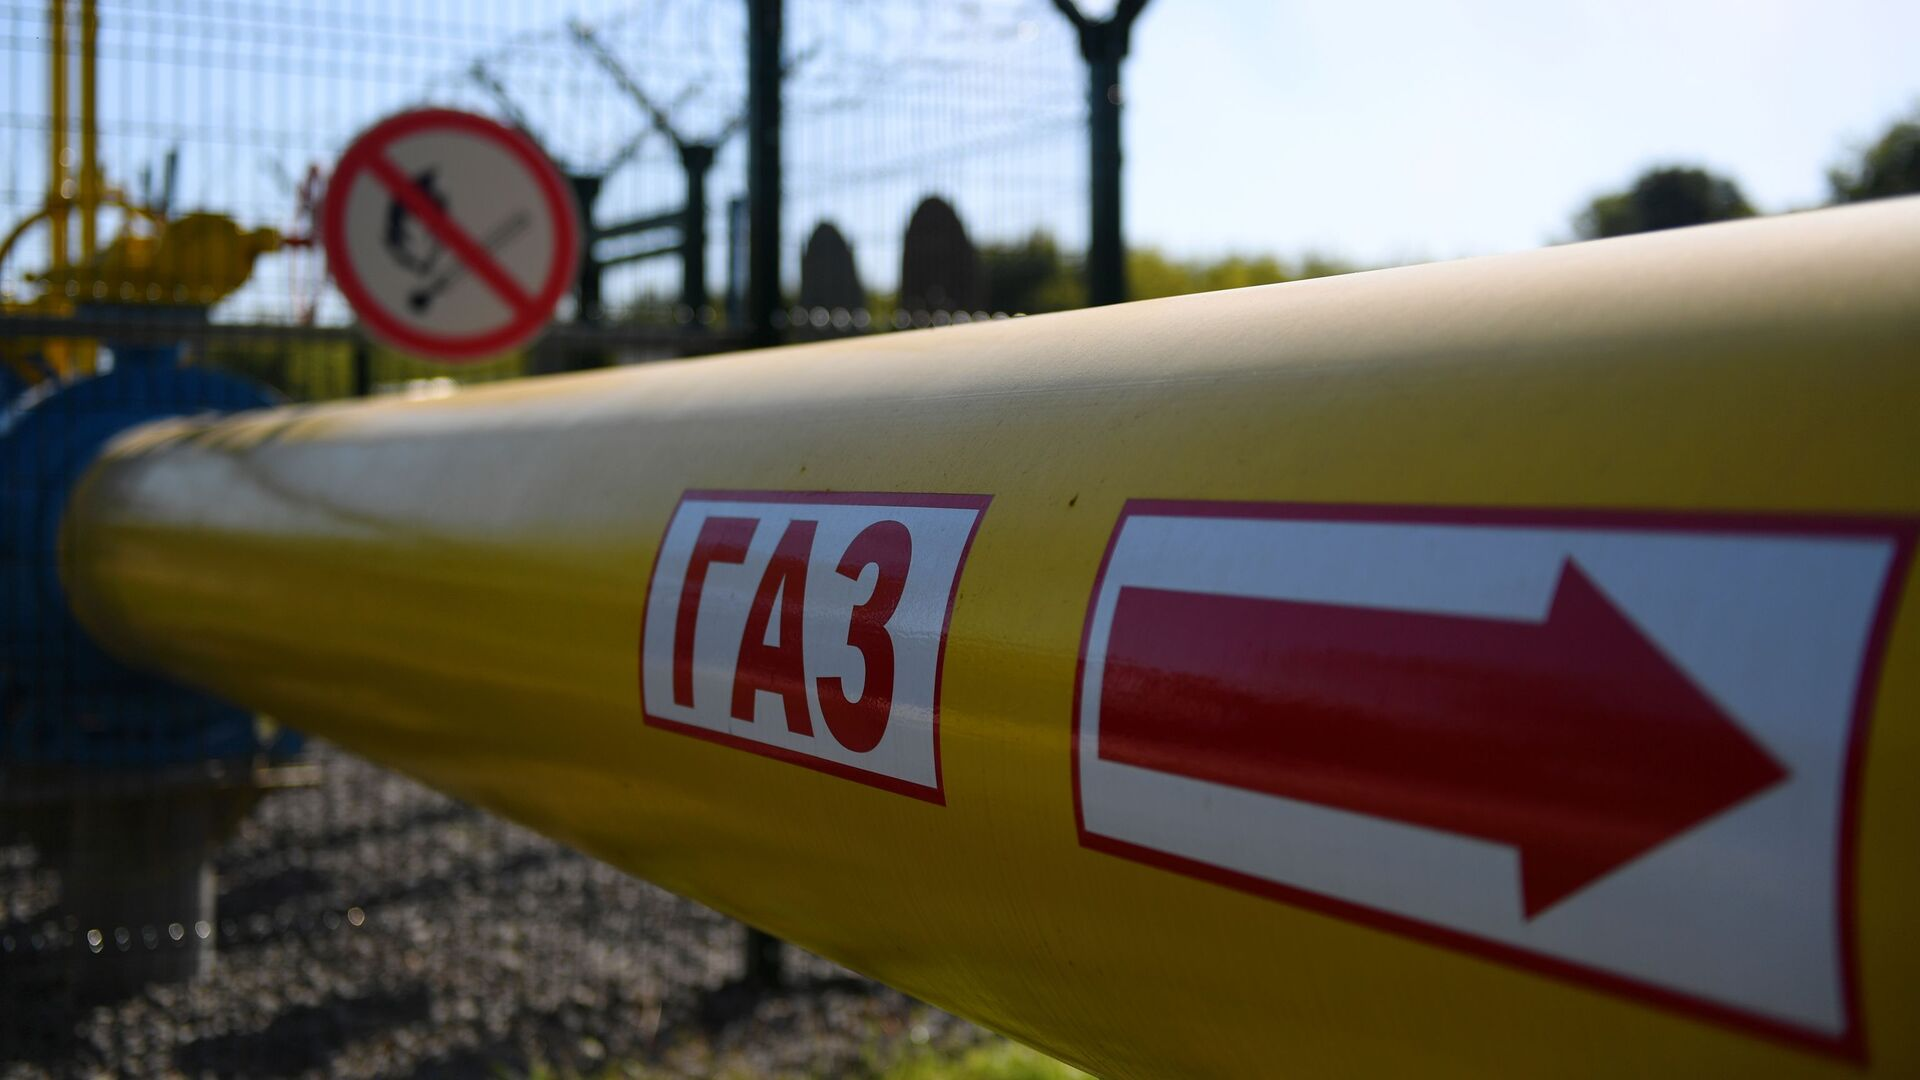 Газопровод высокого давления от Елабуги до Нижнекамска - Sputnik Таджикистан, 1920, 30.07.2021